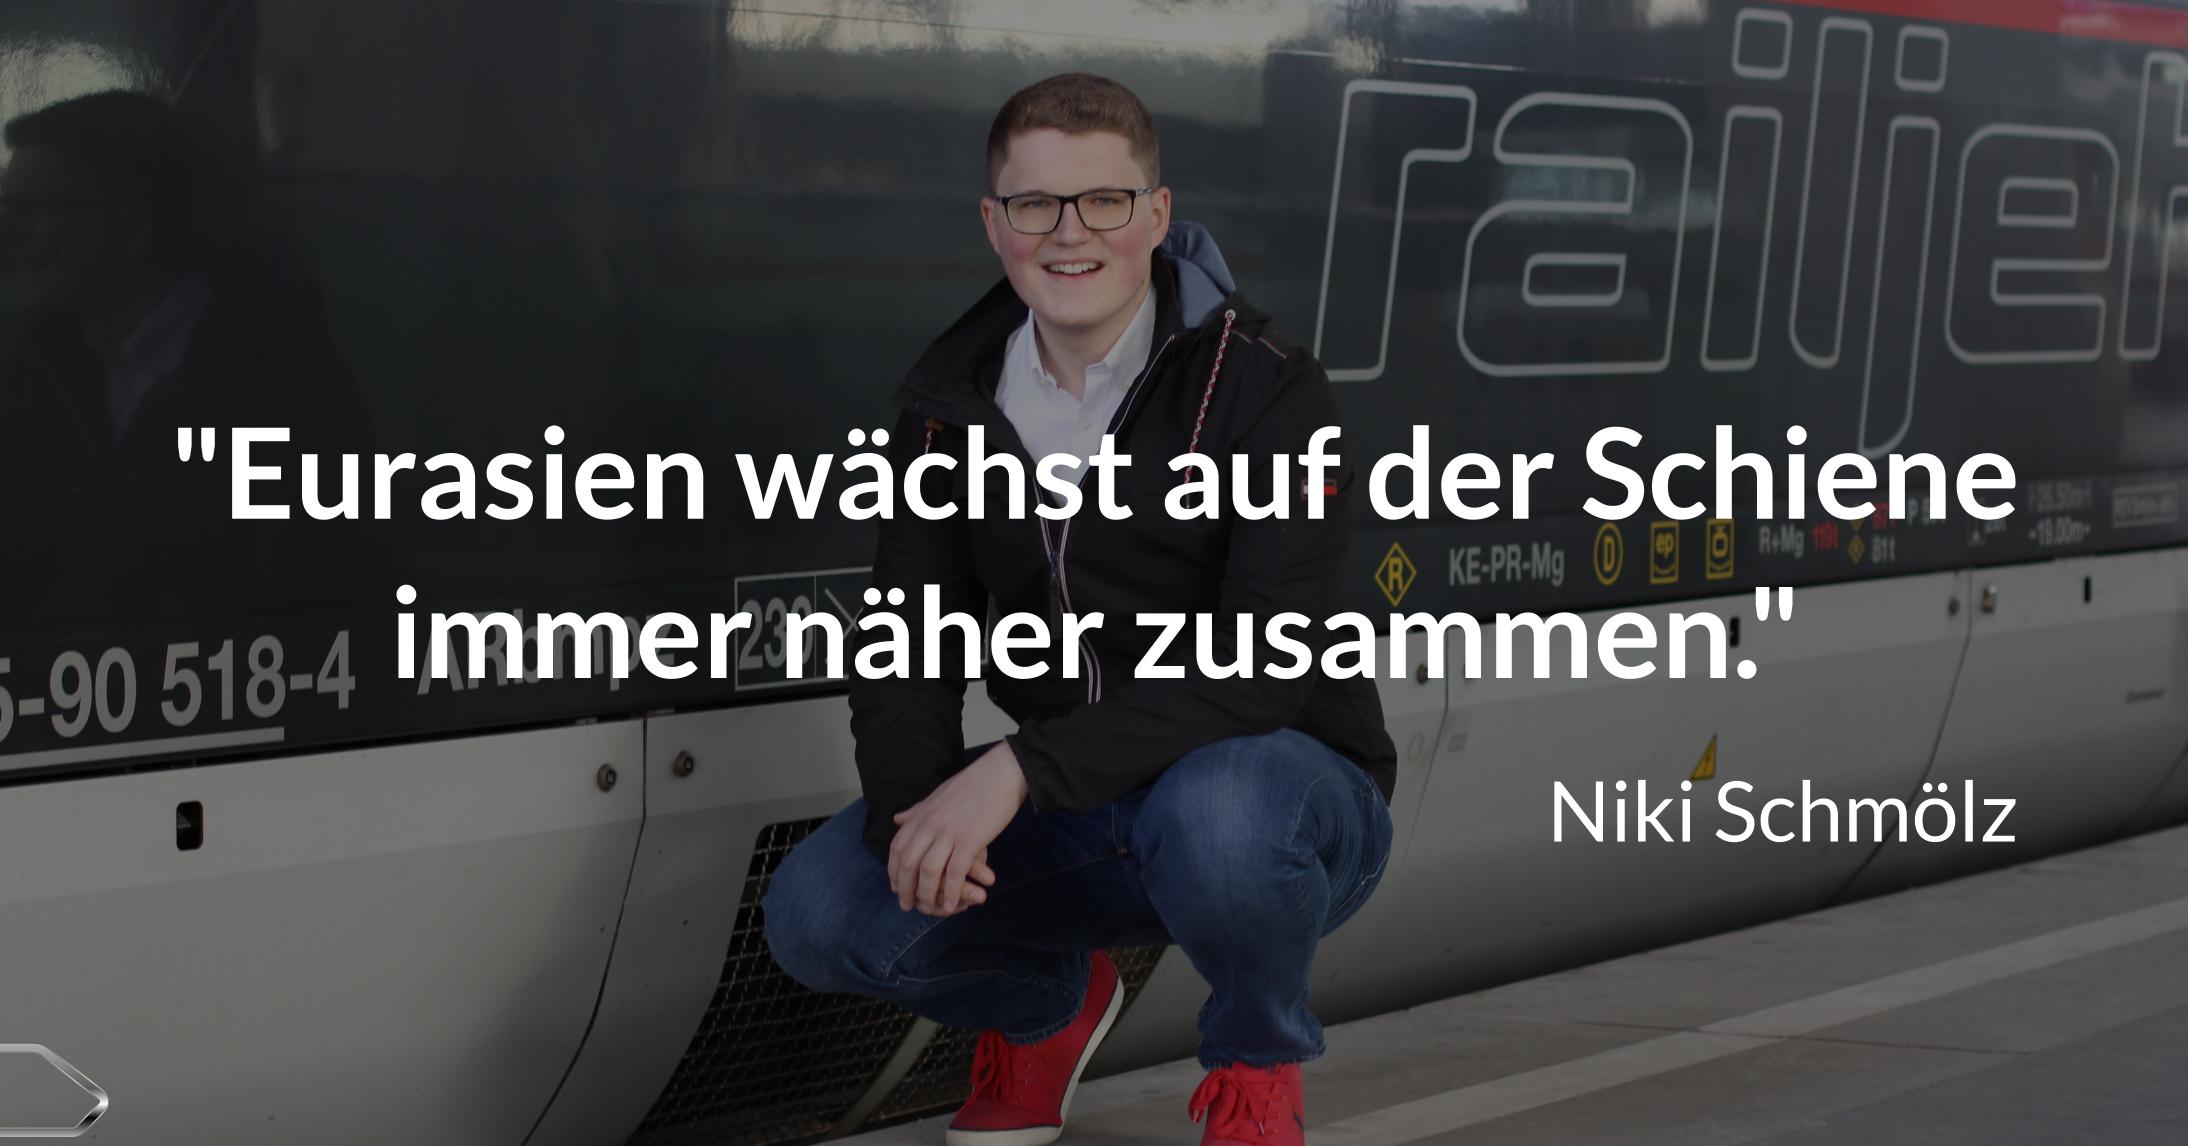 transsib__niki